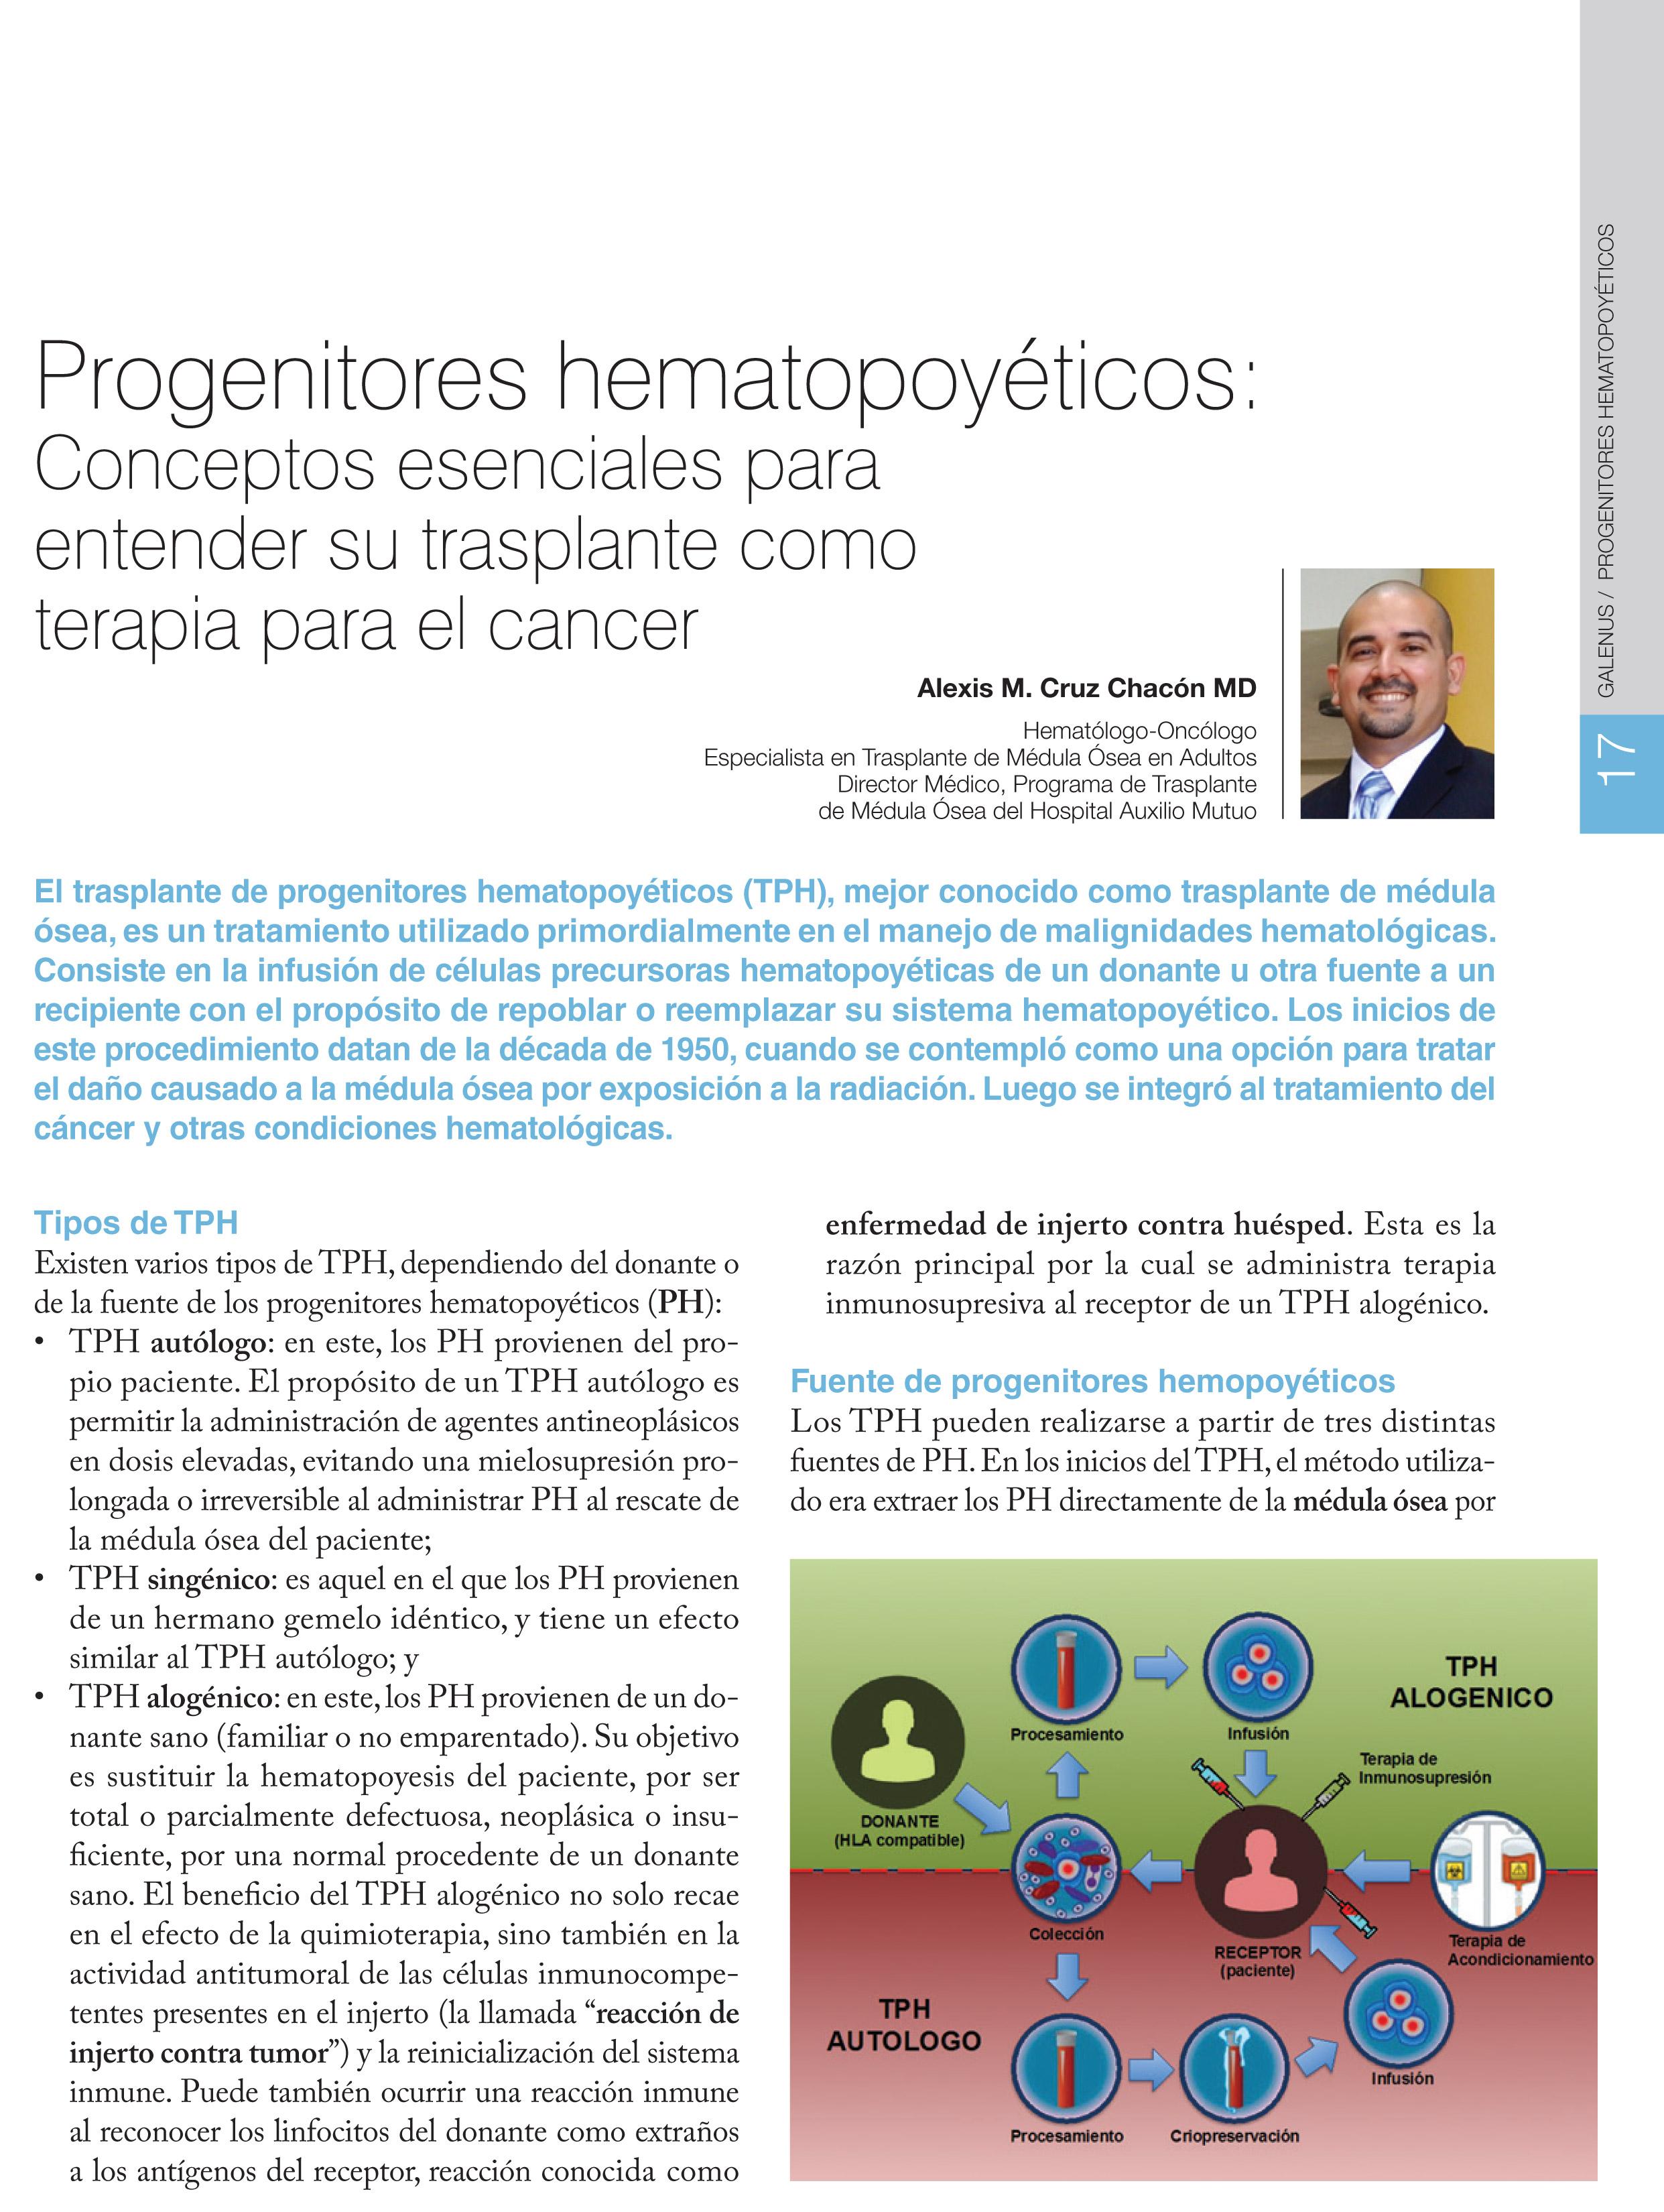 Progenitores hematopoyéticos